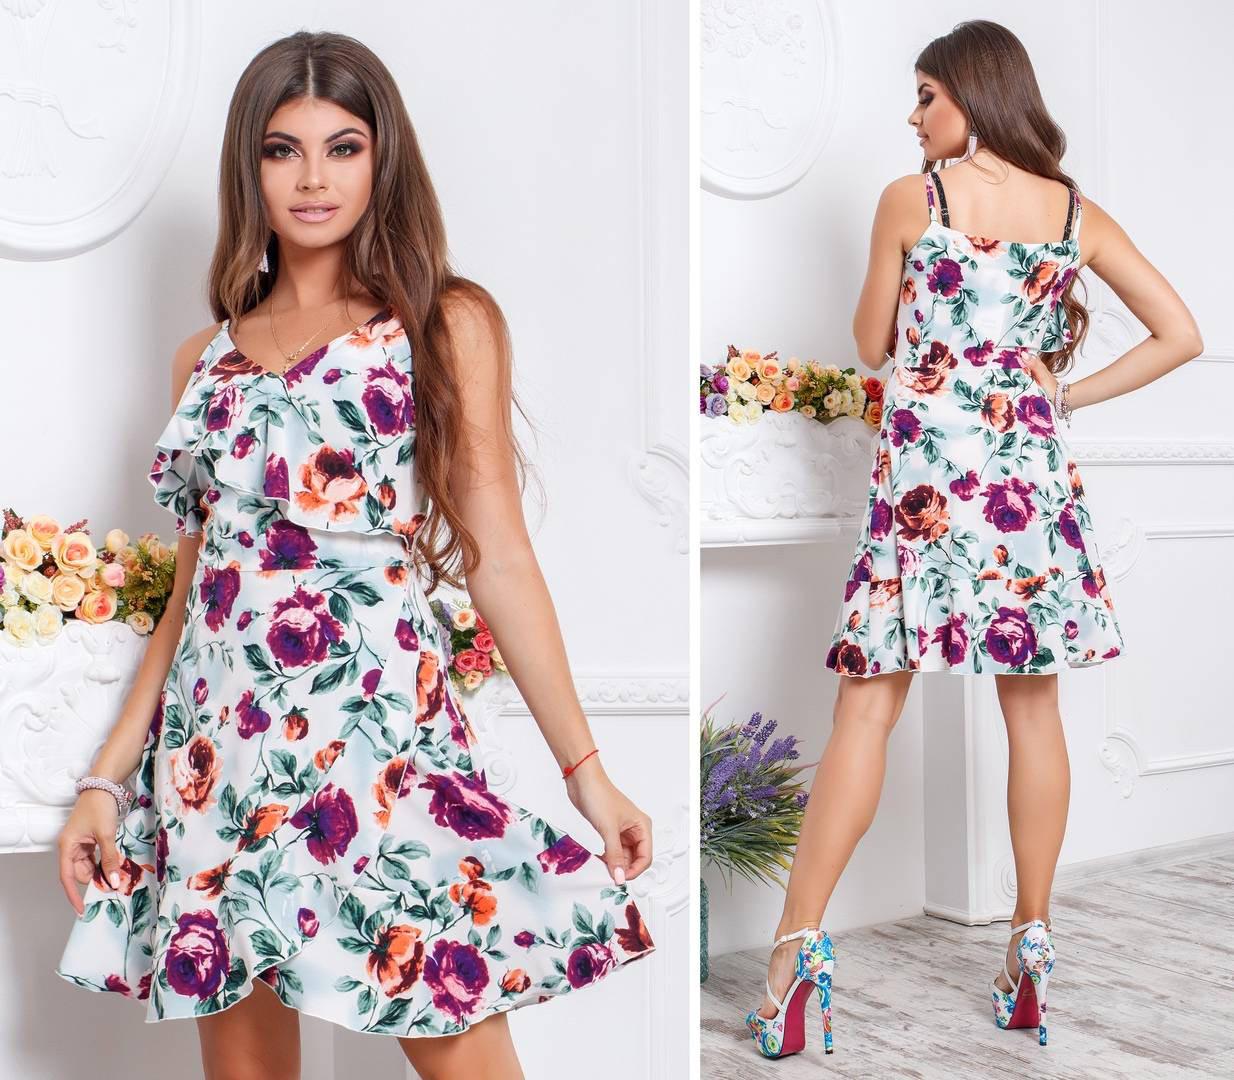 Плаття літнє на запах з поясом, новинка 2018, модель 112, принт - бордові і помаранчеві троянди